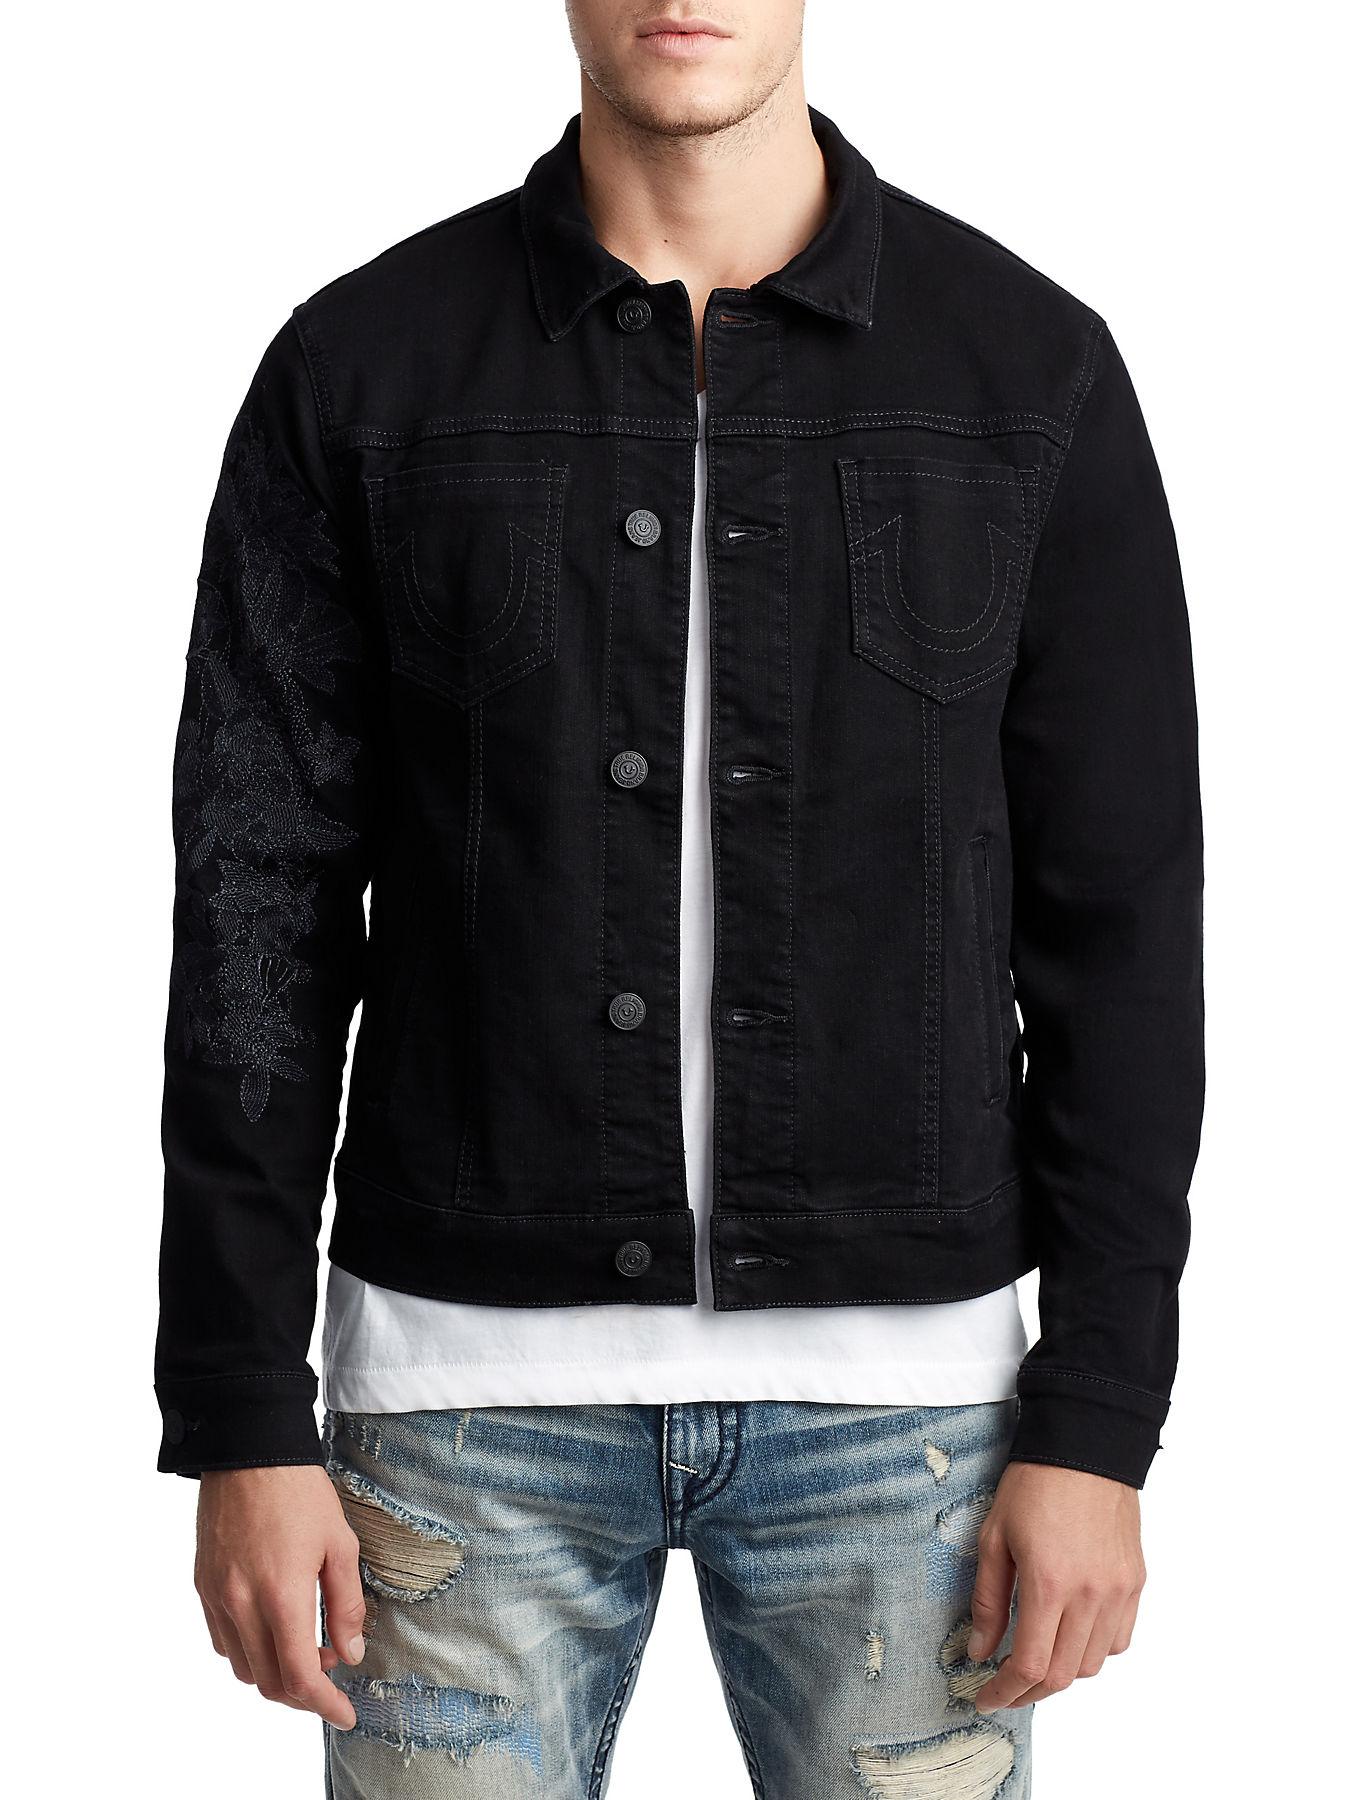 Mens Embroidered Danny Denim Jacket